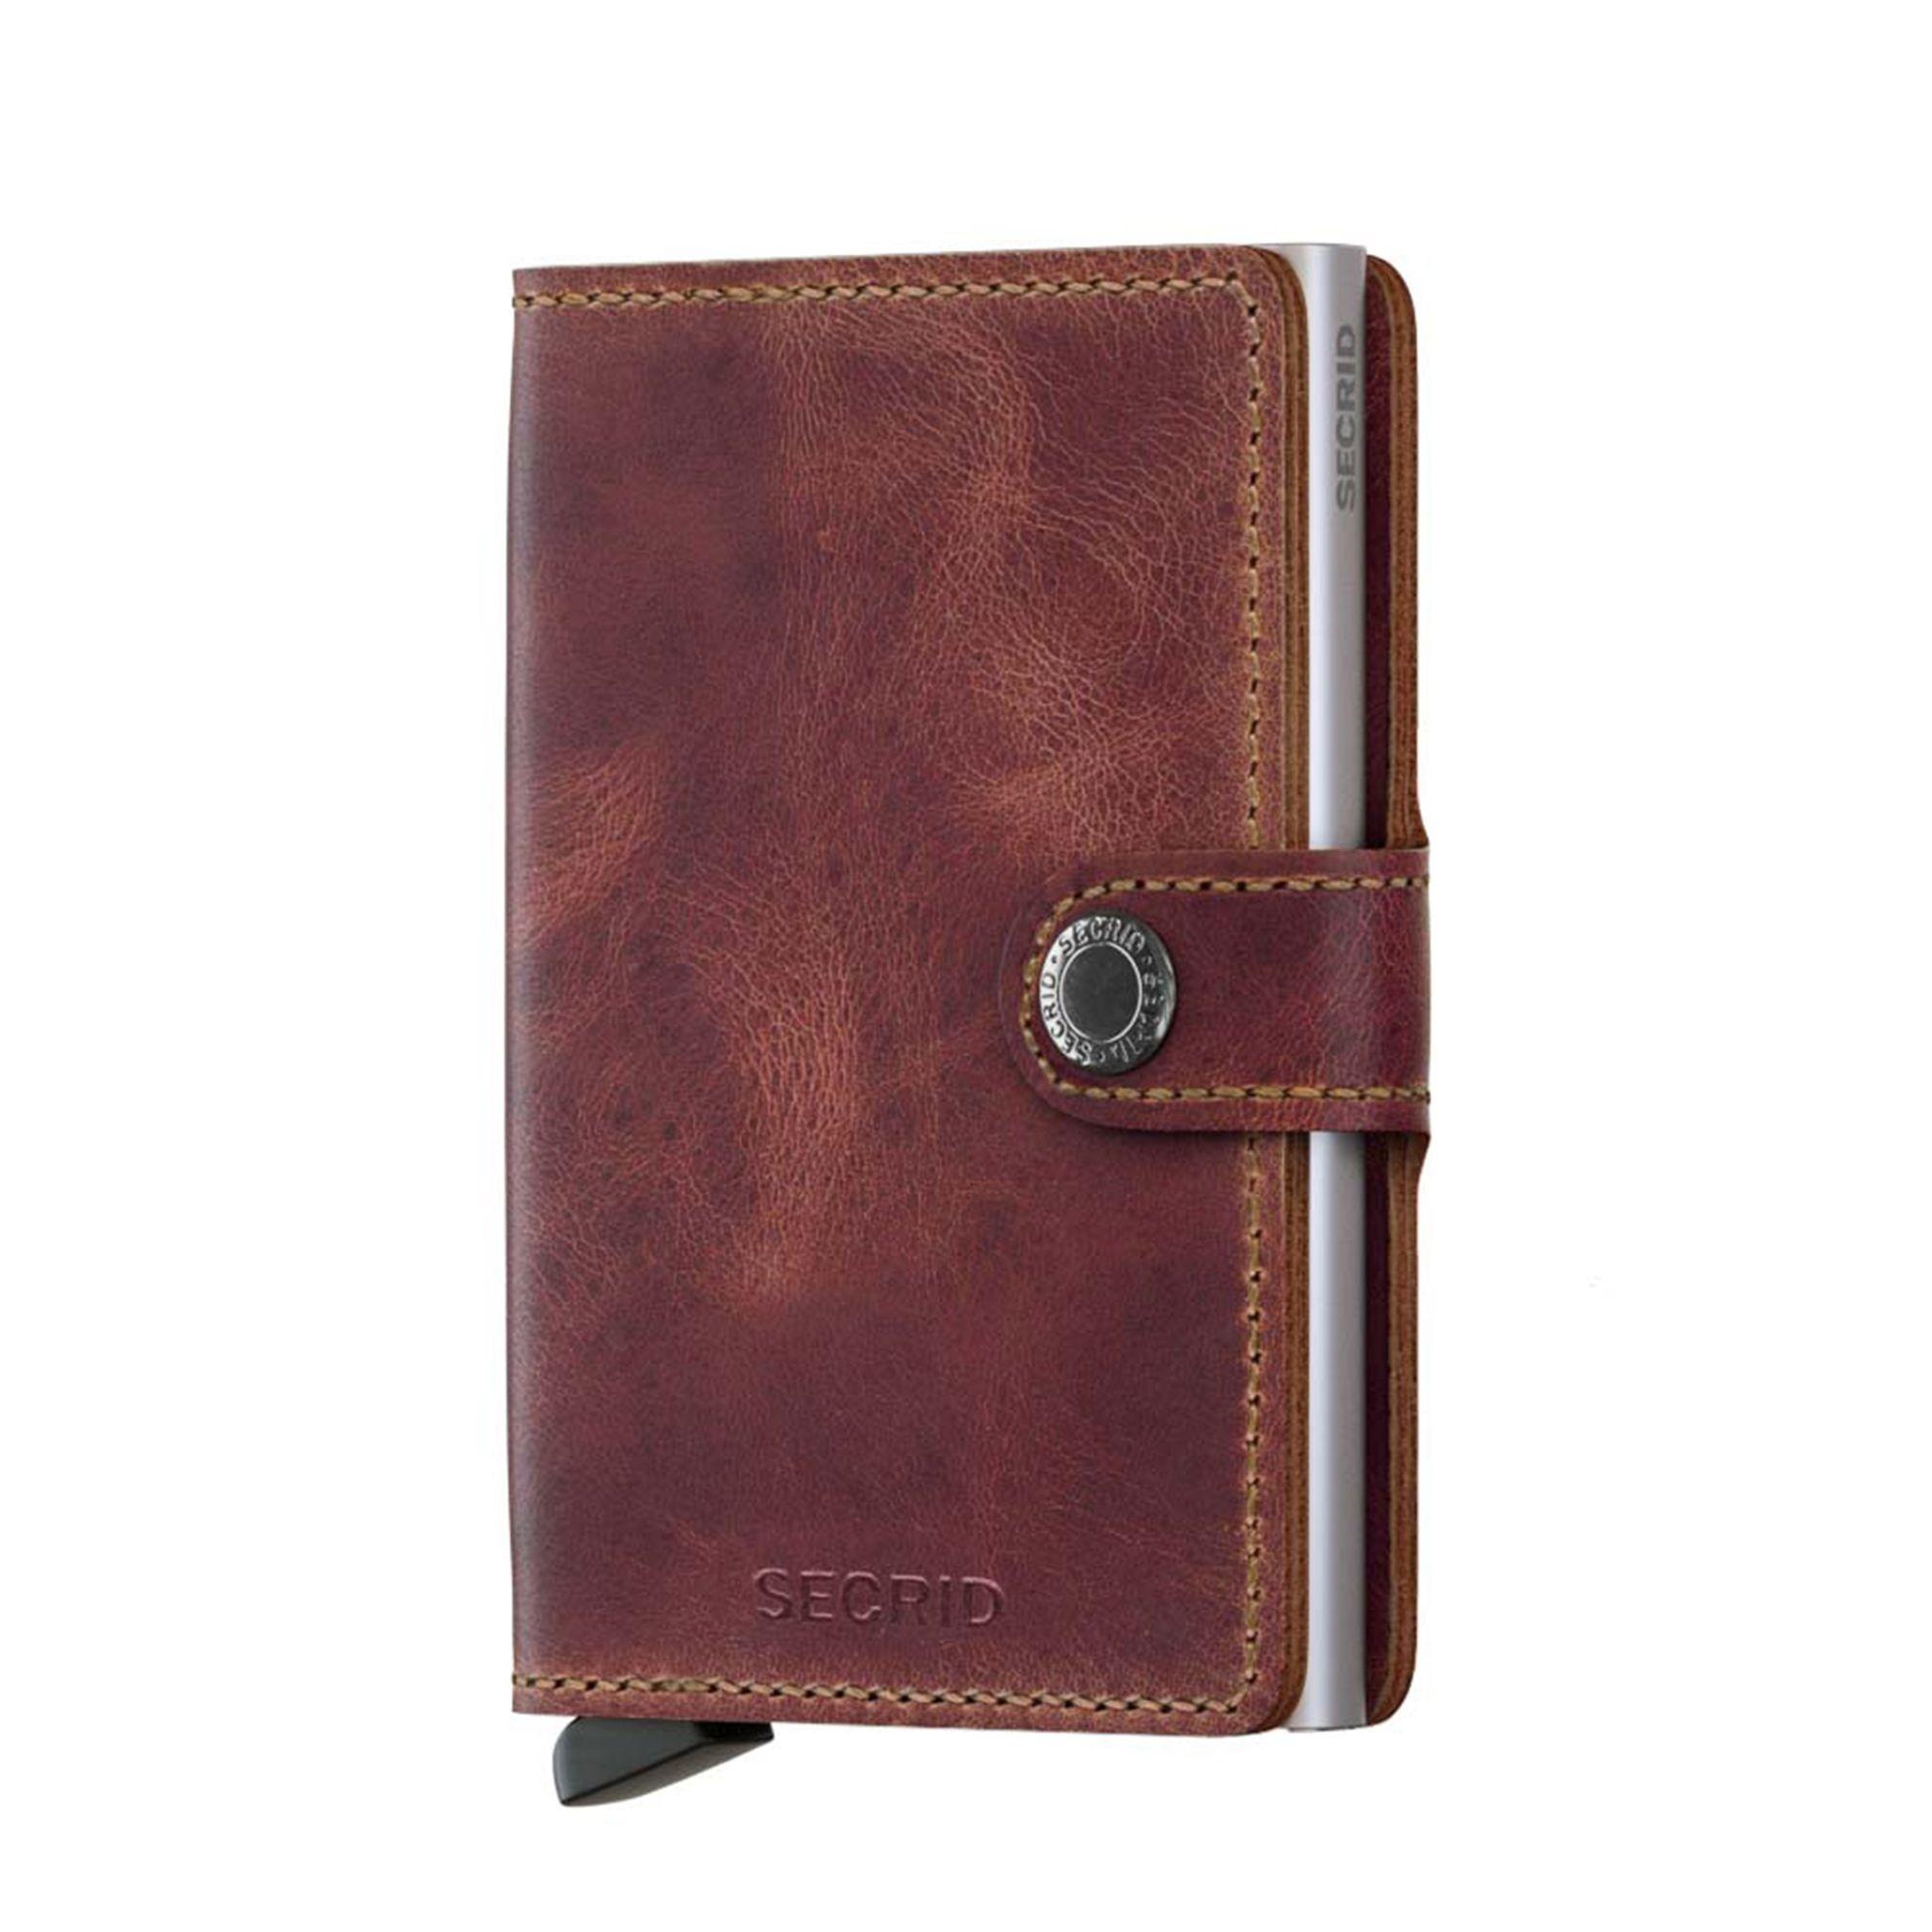 Secrid liten plånbok i skinn och metall, Brun